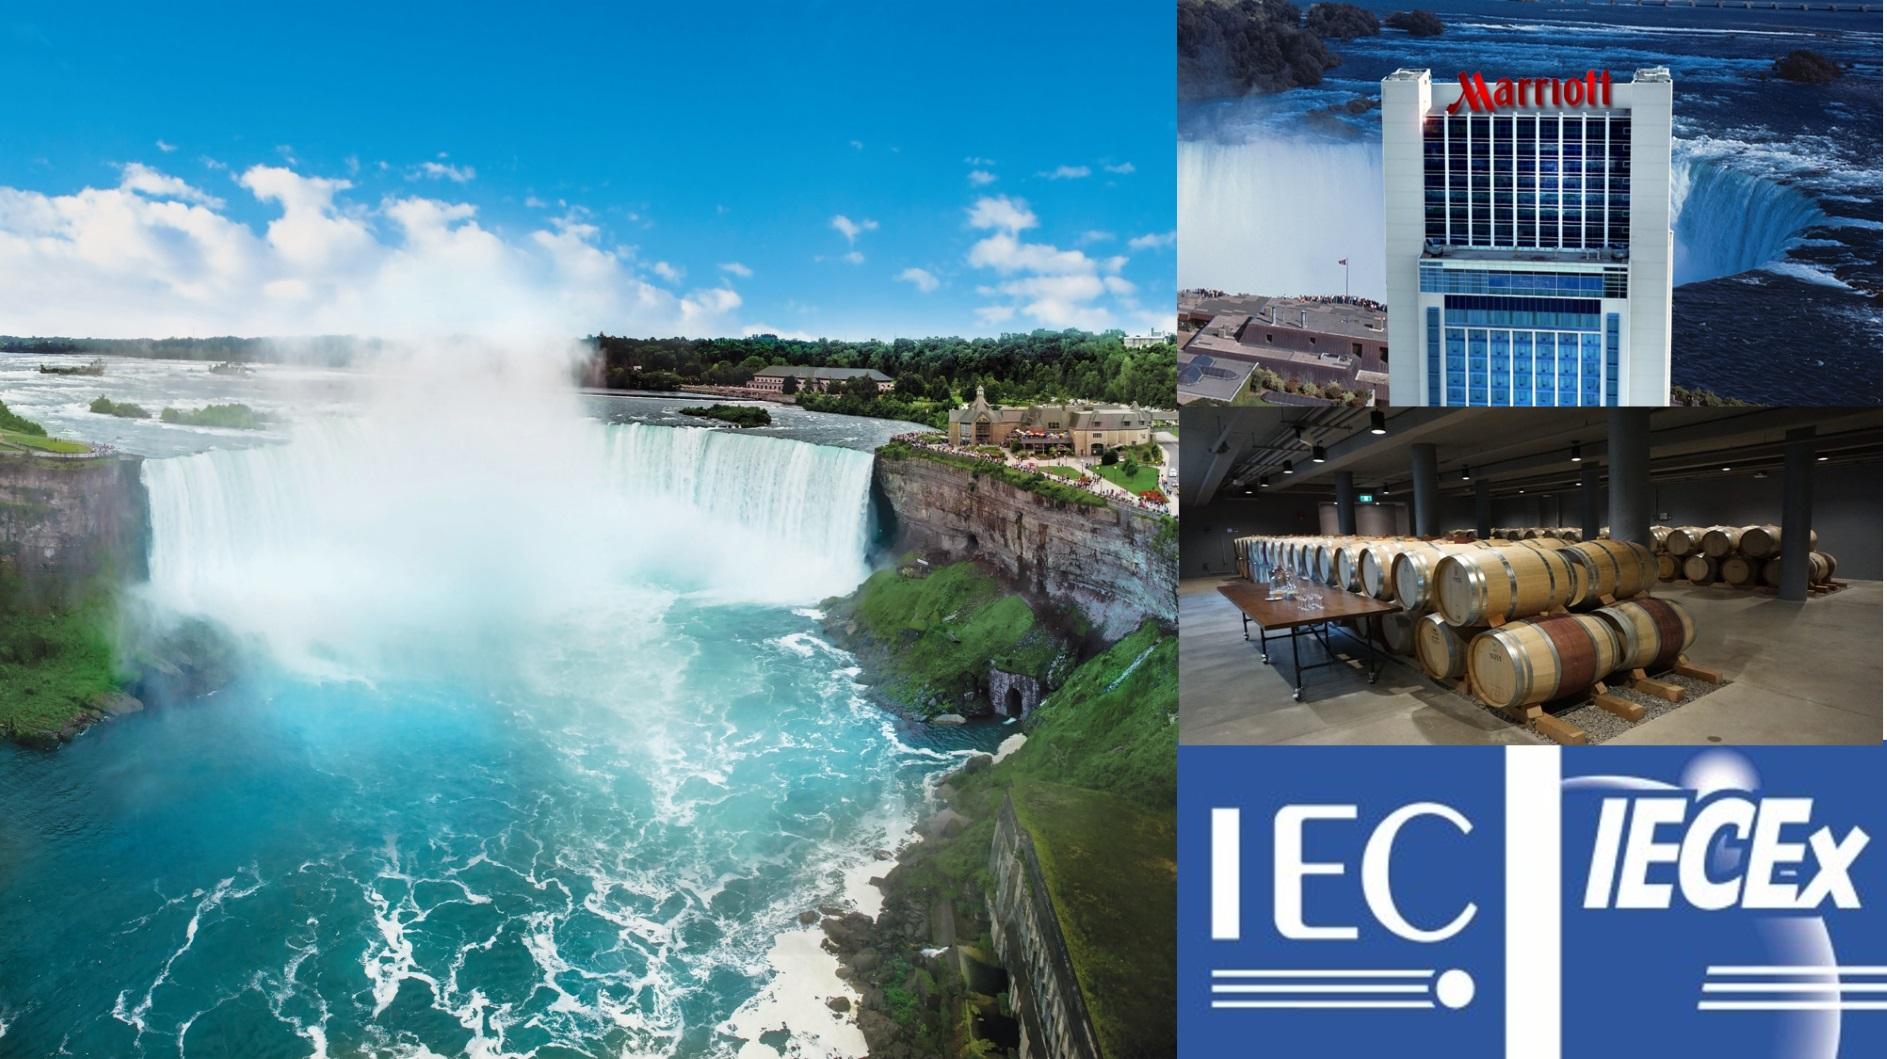 IEC/IECEx